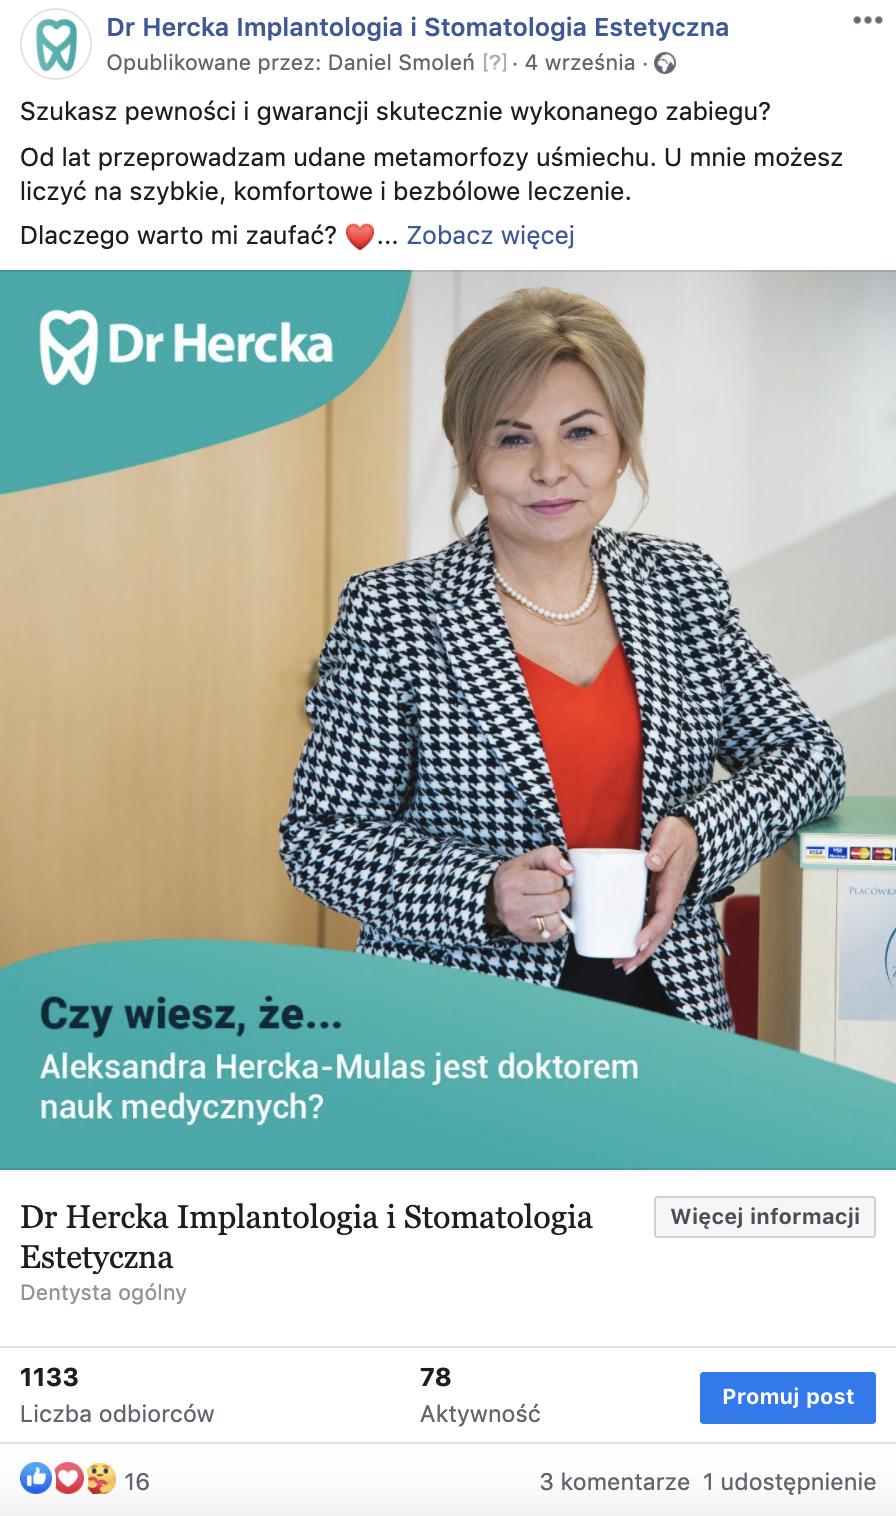 post na facebooku dr Hercka